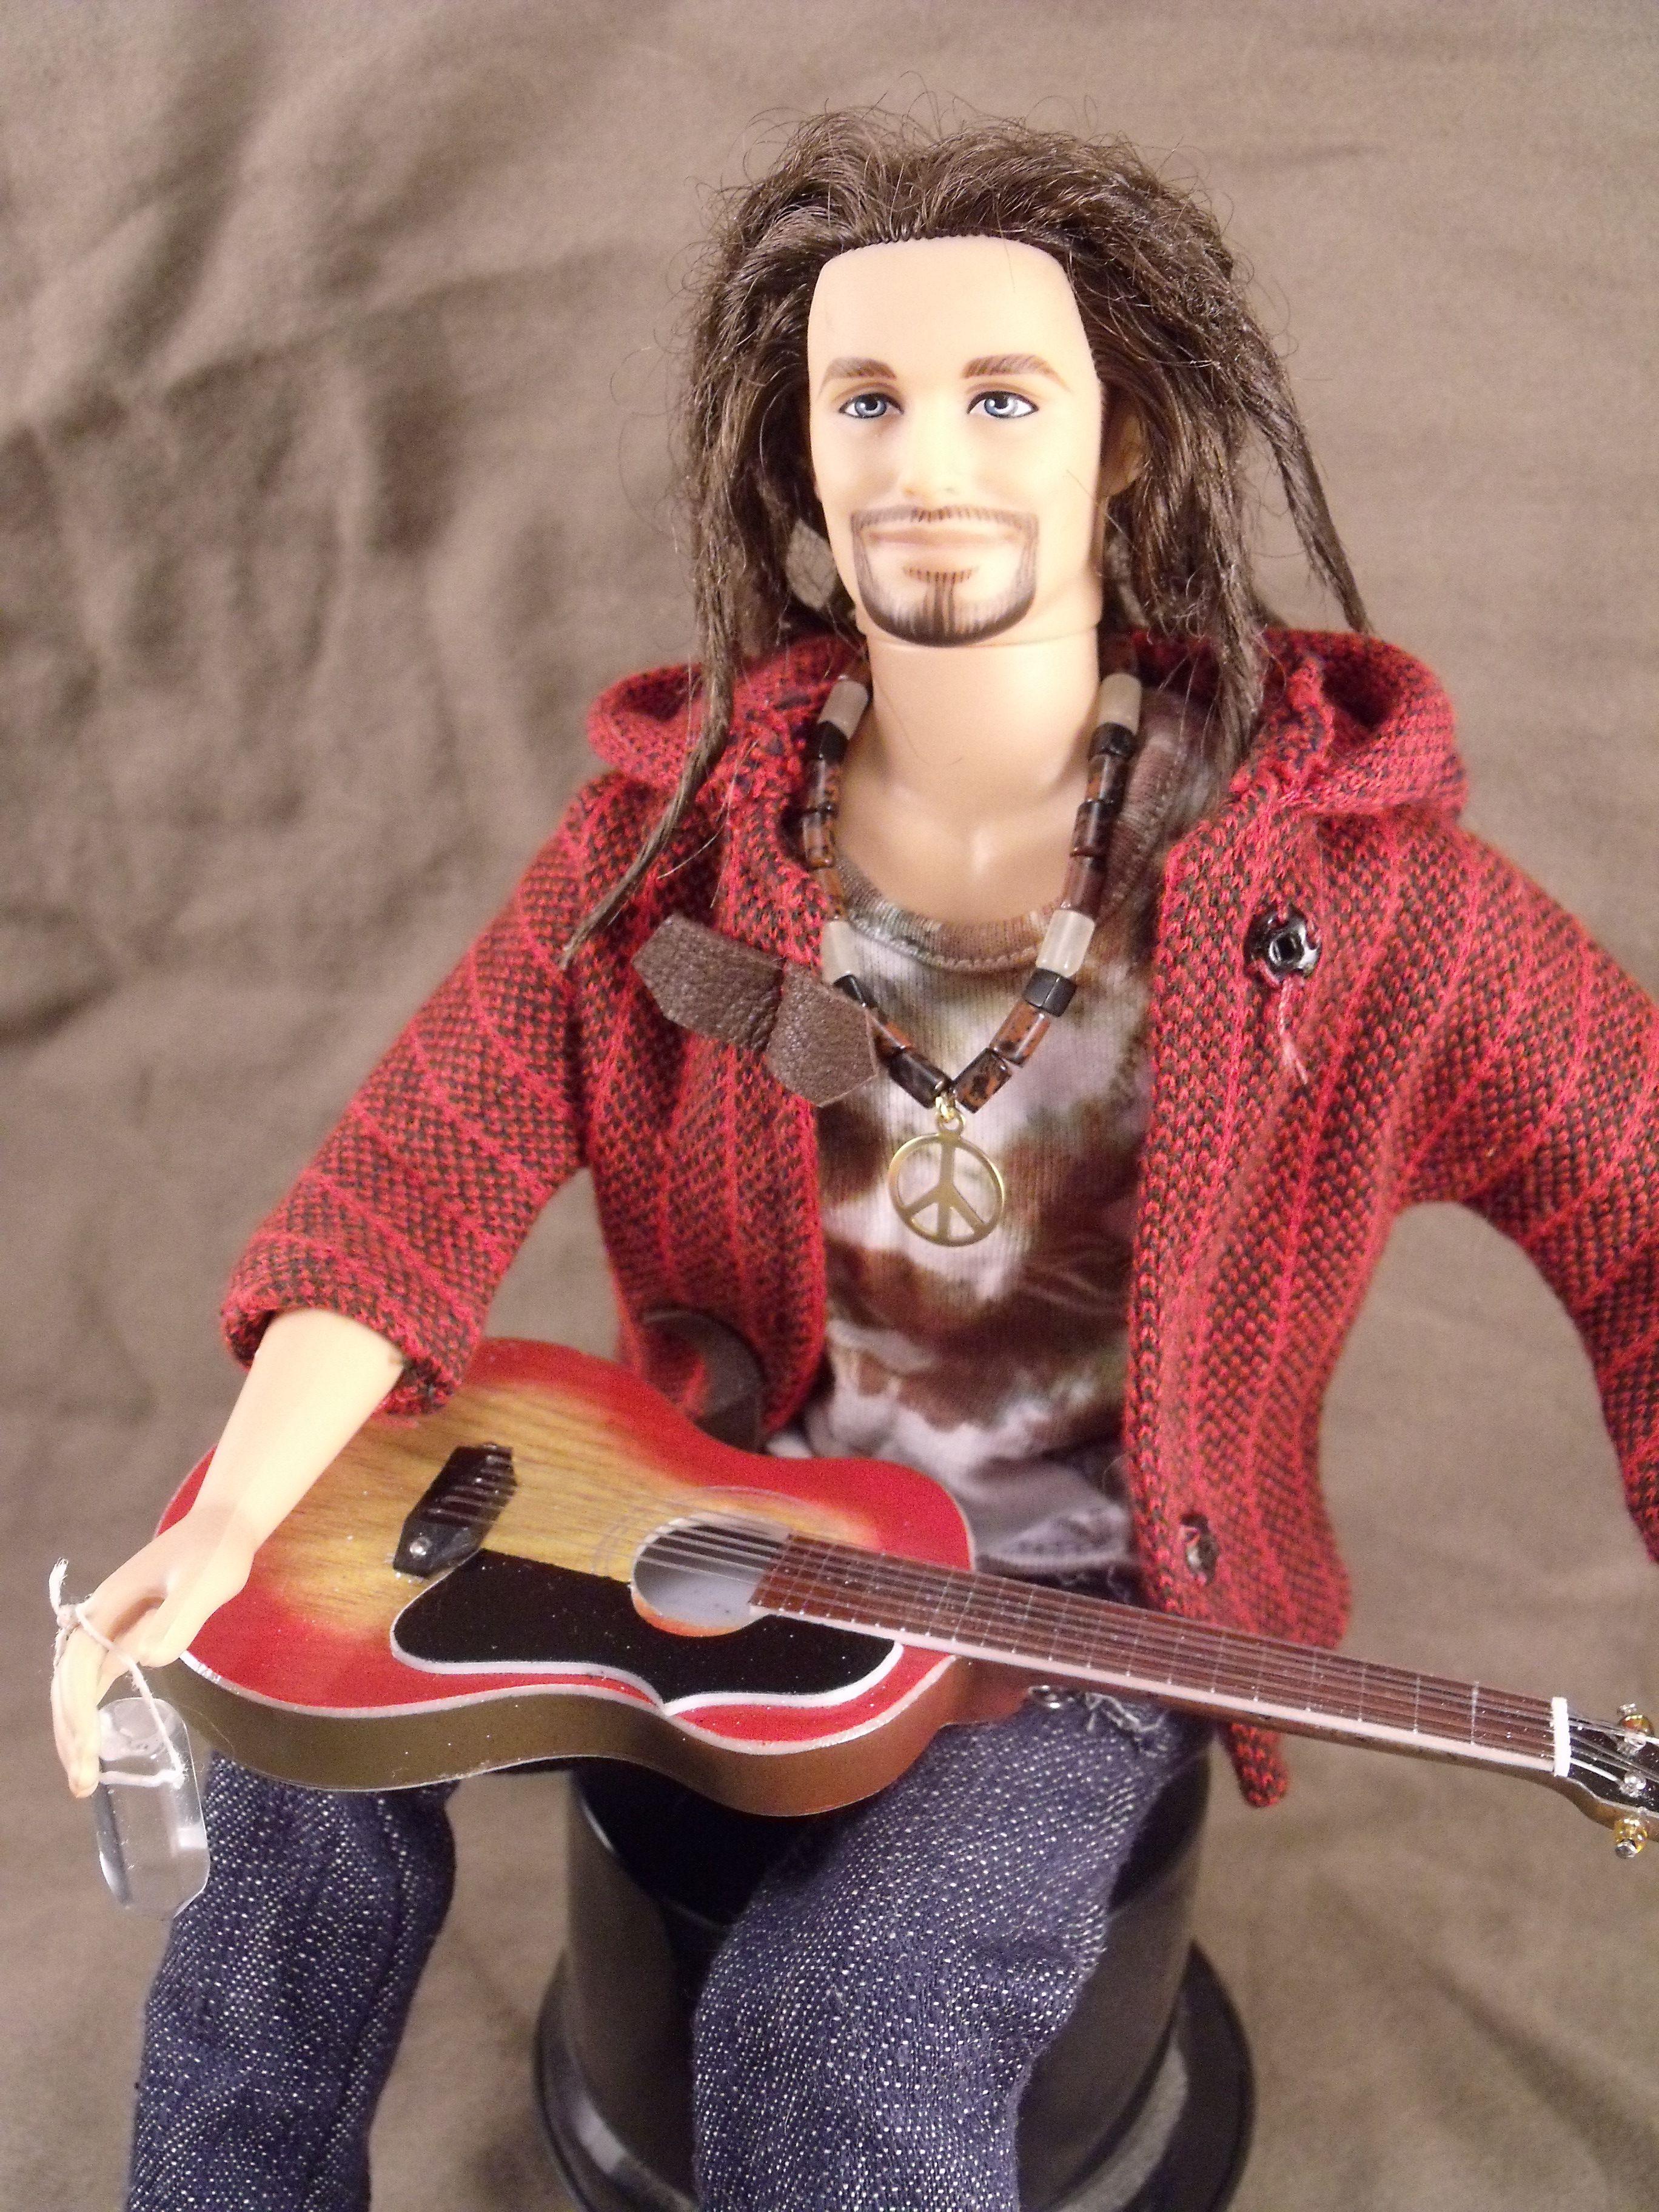 Barbie Ken Doll As A Woodstock Hippie With Dreadlocks